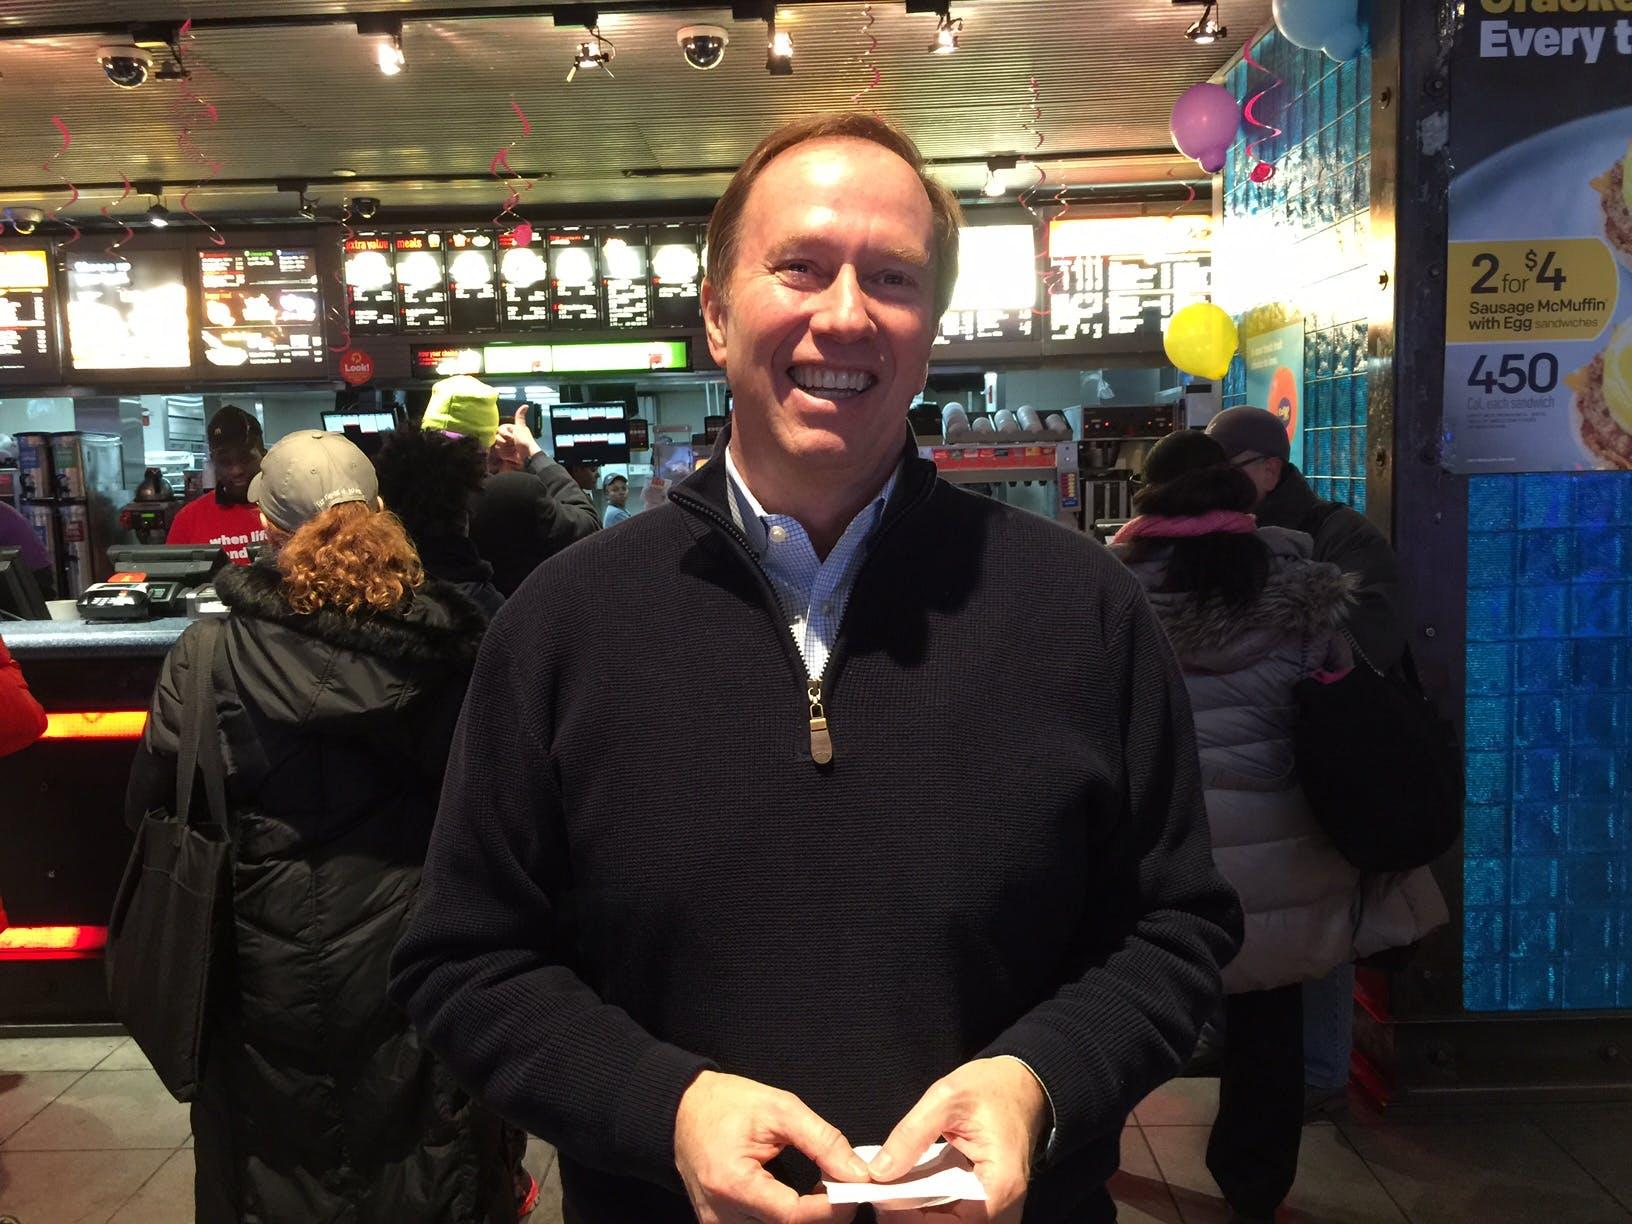 Jim Lewis, proud McDonald's franchisee